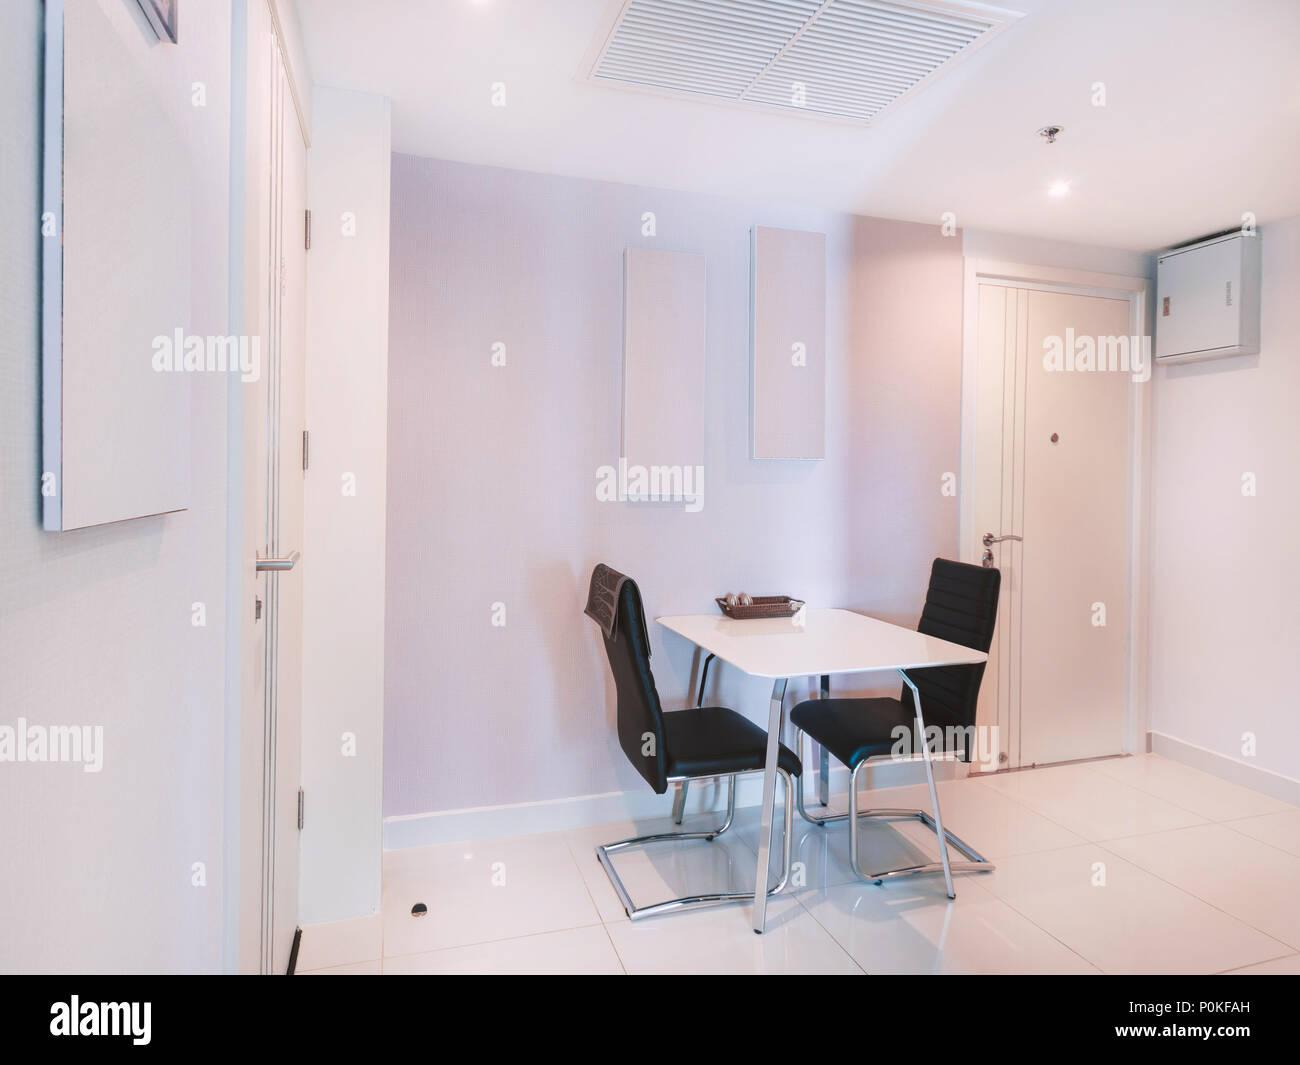 Moderne Weisse Kuche Zimmer Inneneinrichtung Mobel Mit Esstisch Mit